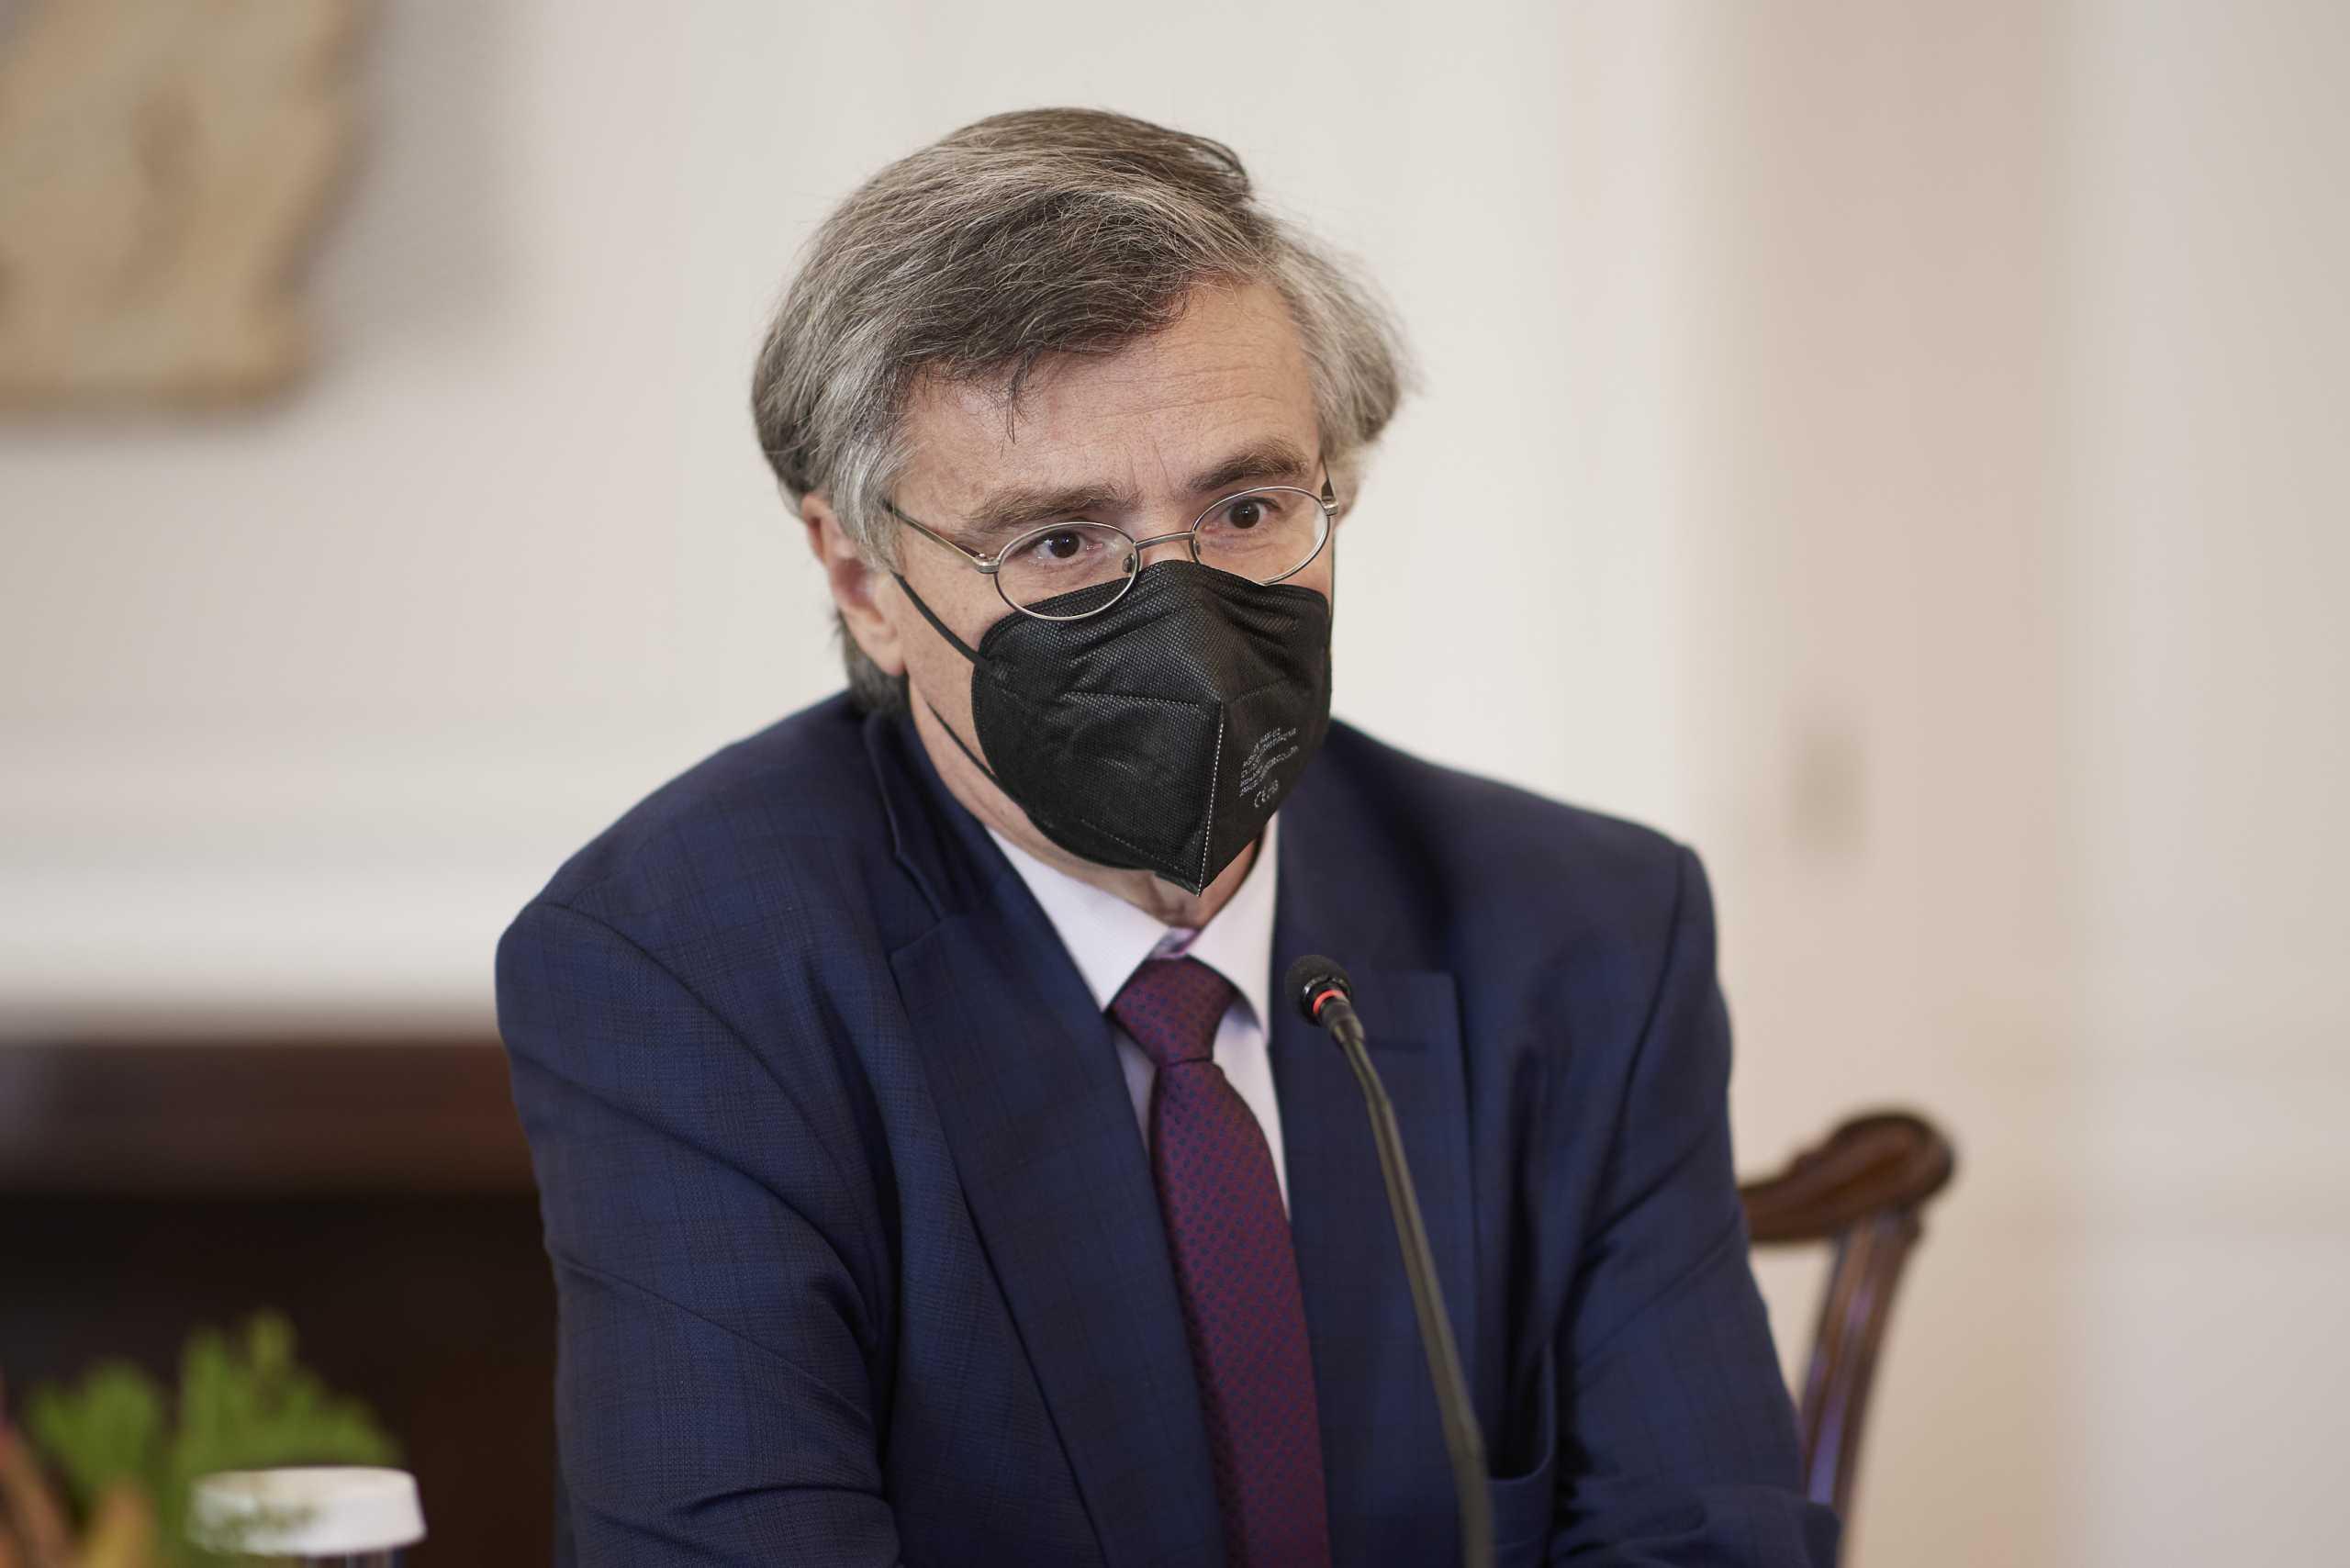 Σωτήρης Τσιόδρας: Επικεφαλής επιτροπής της Ιατρικής Σχολής Αθηνών για την πανδημία